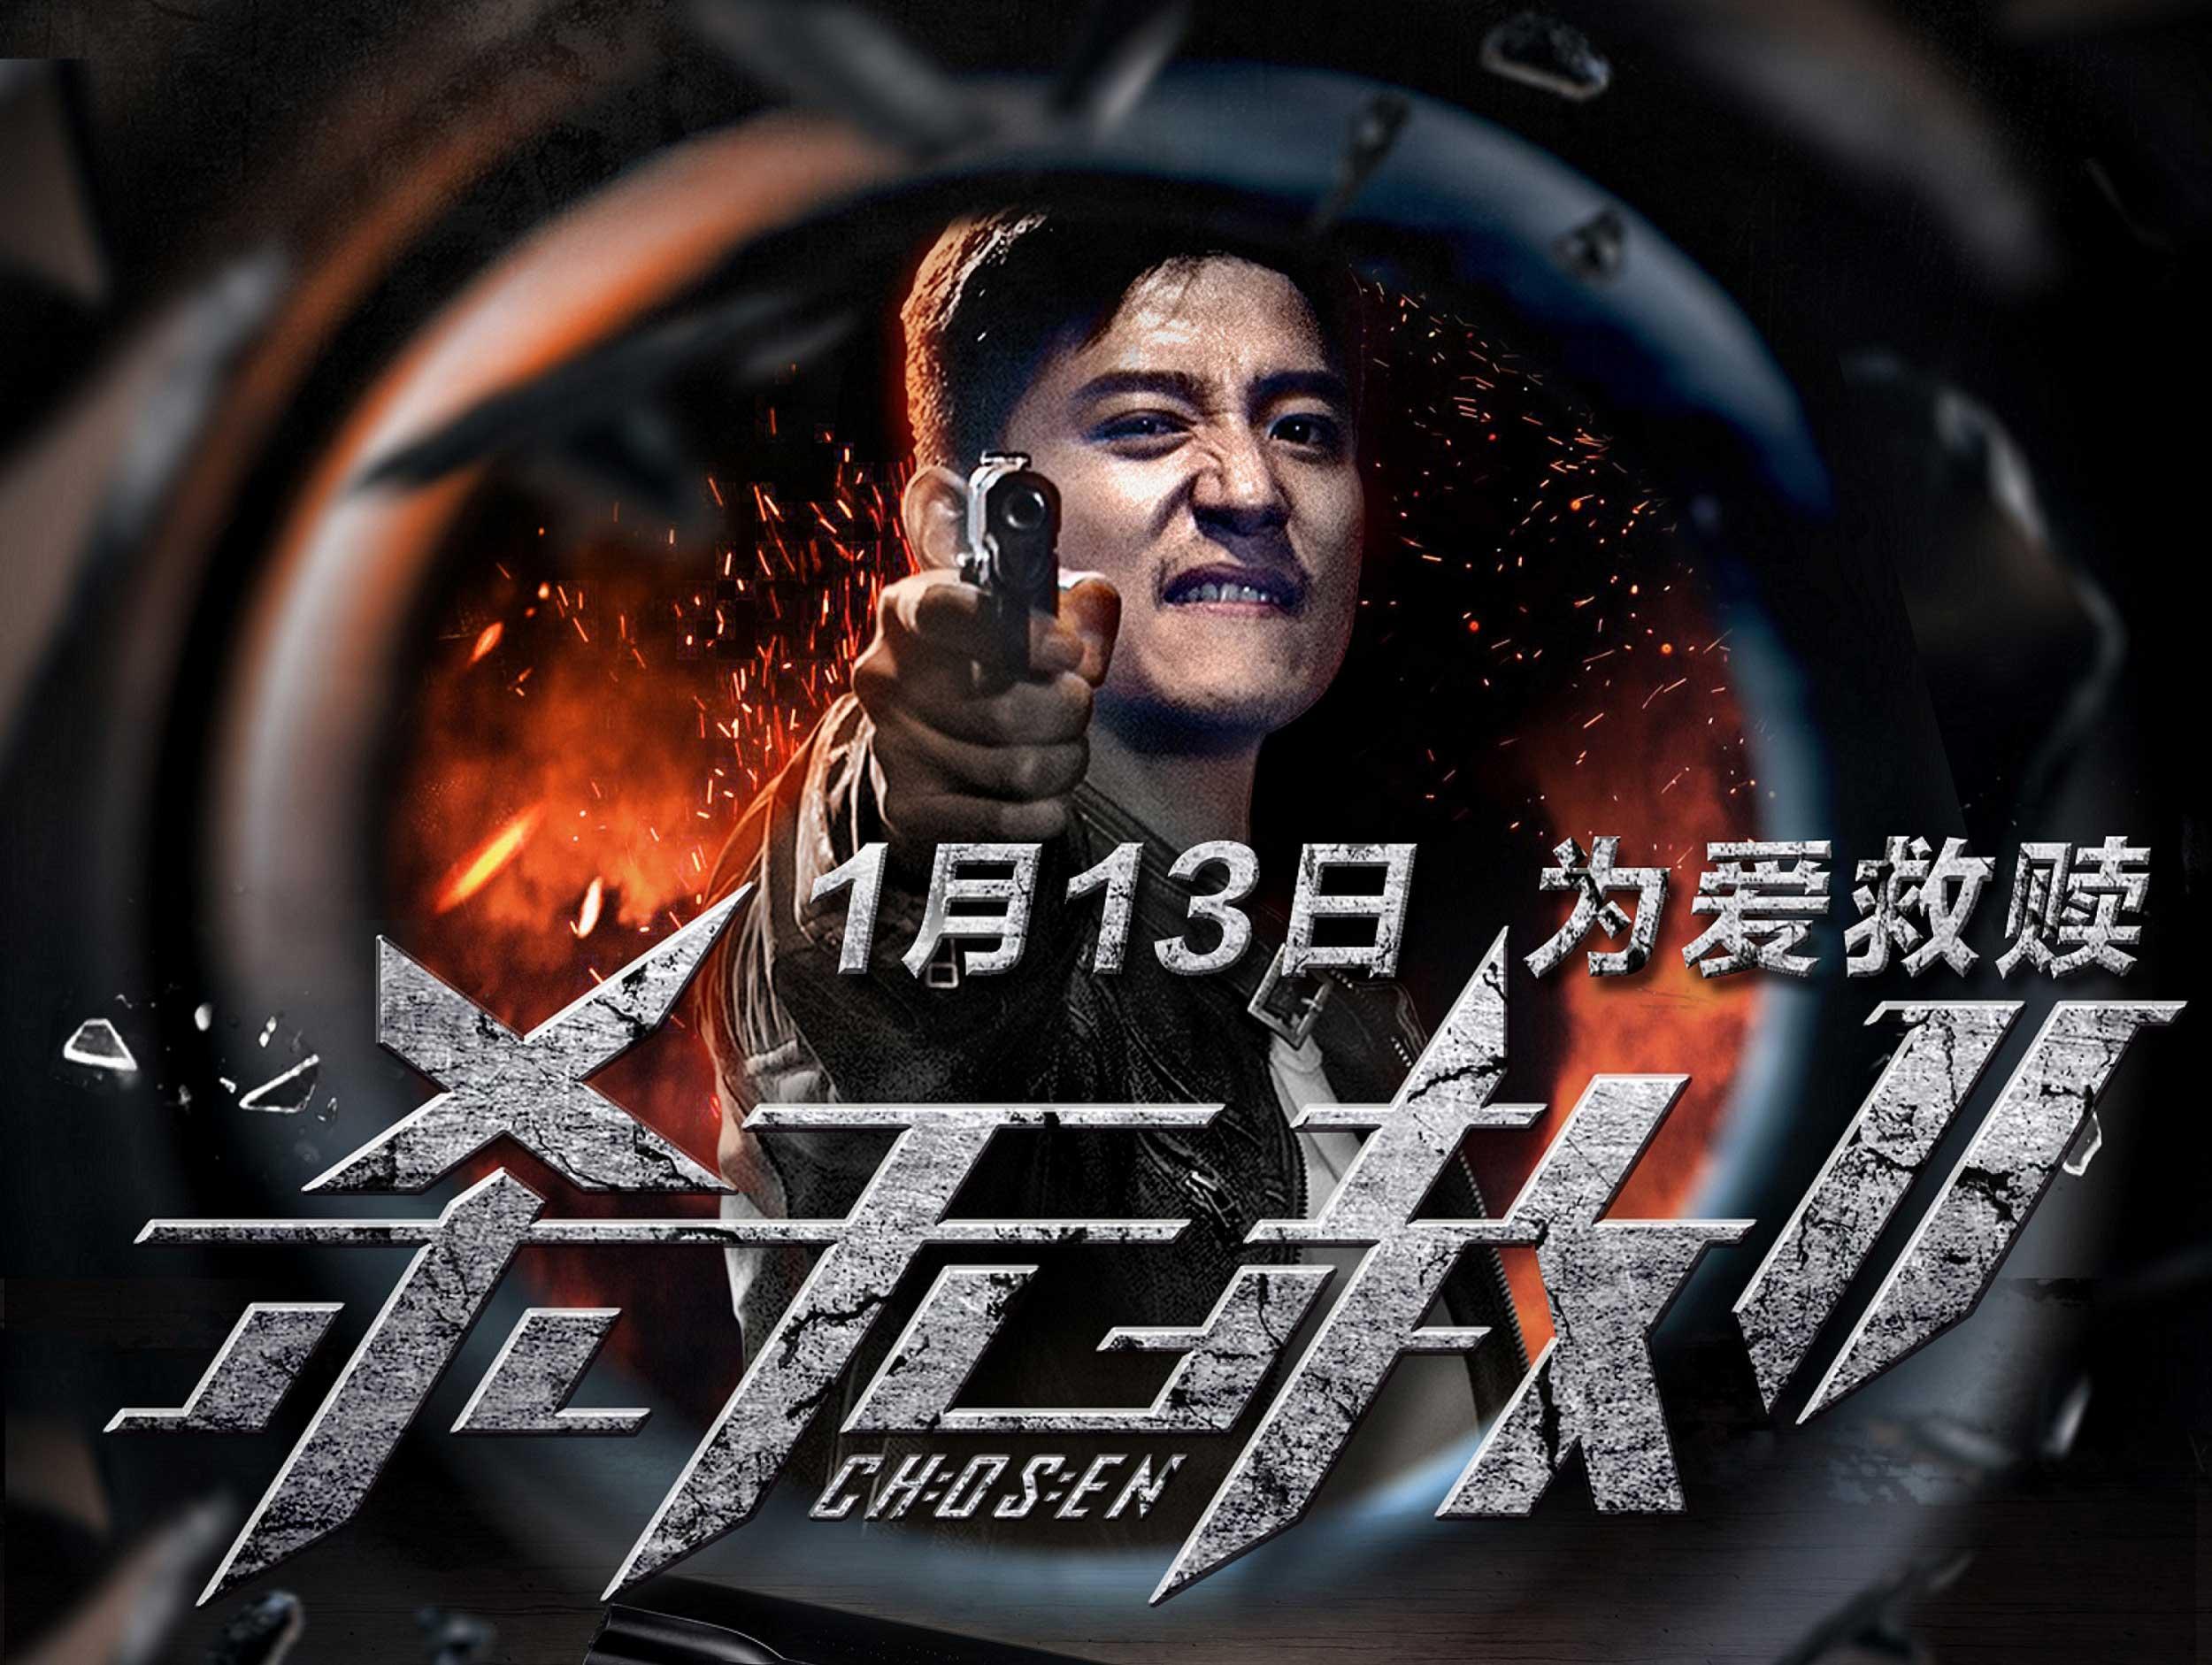 《杀无赦Ⅱ》定档1月13日 张峻宁开启生存游戏